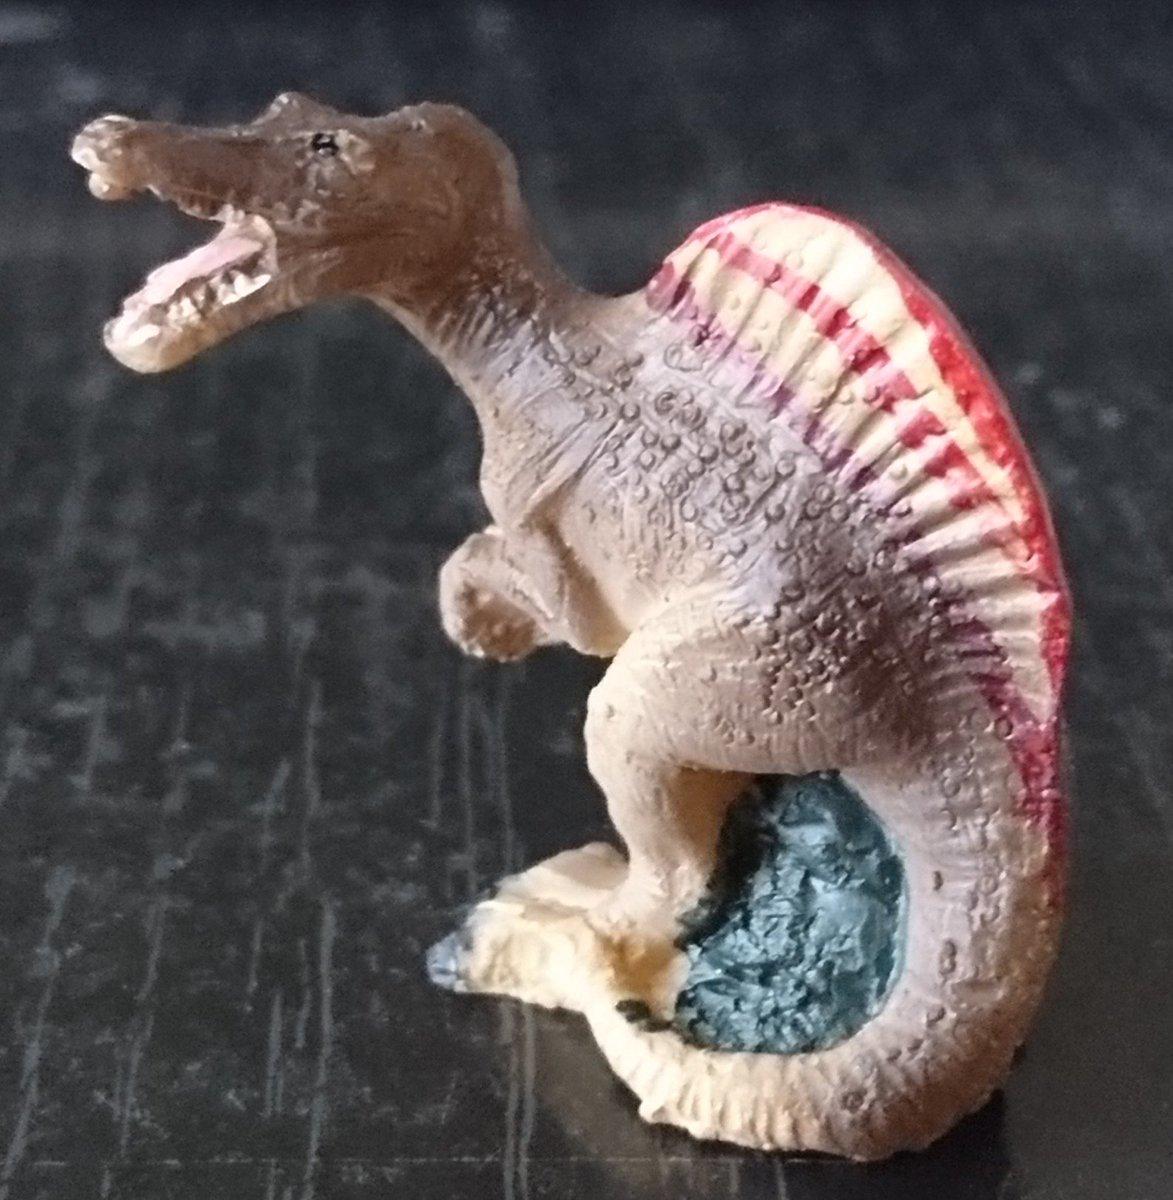 test ツイッターメディア - #キャンドゥ で見つけたミニチュアフィギュア。  #テリジノサウルス はあまりないチョイスじゃないかな? https://t.co/R110IKk9Lr